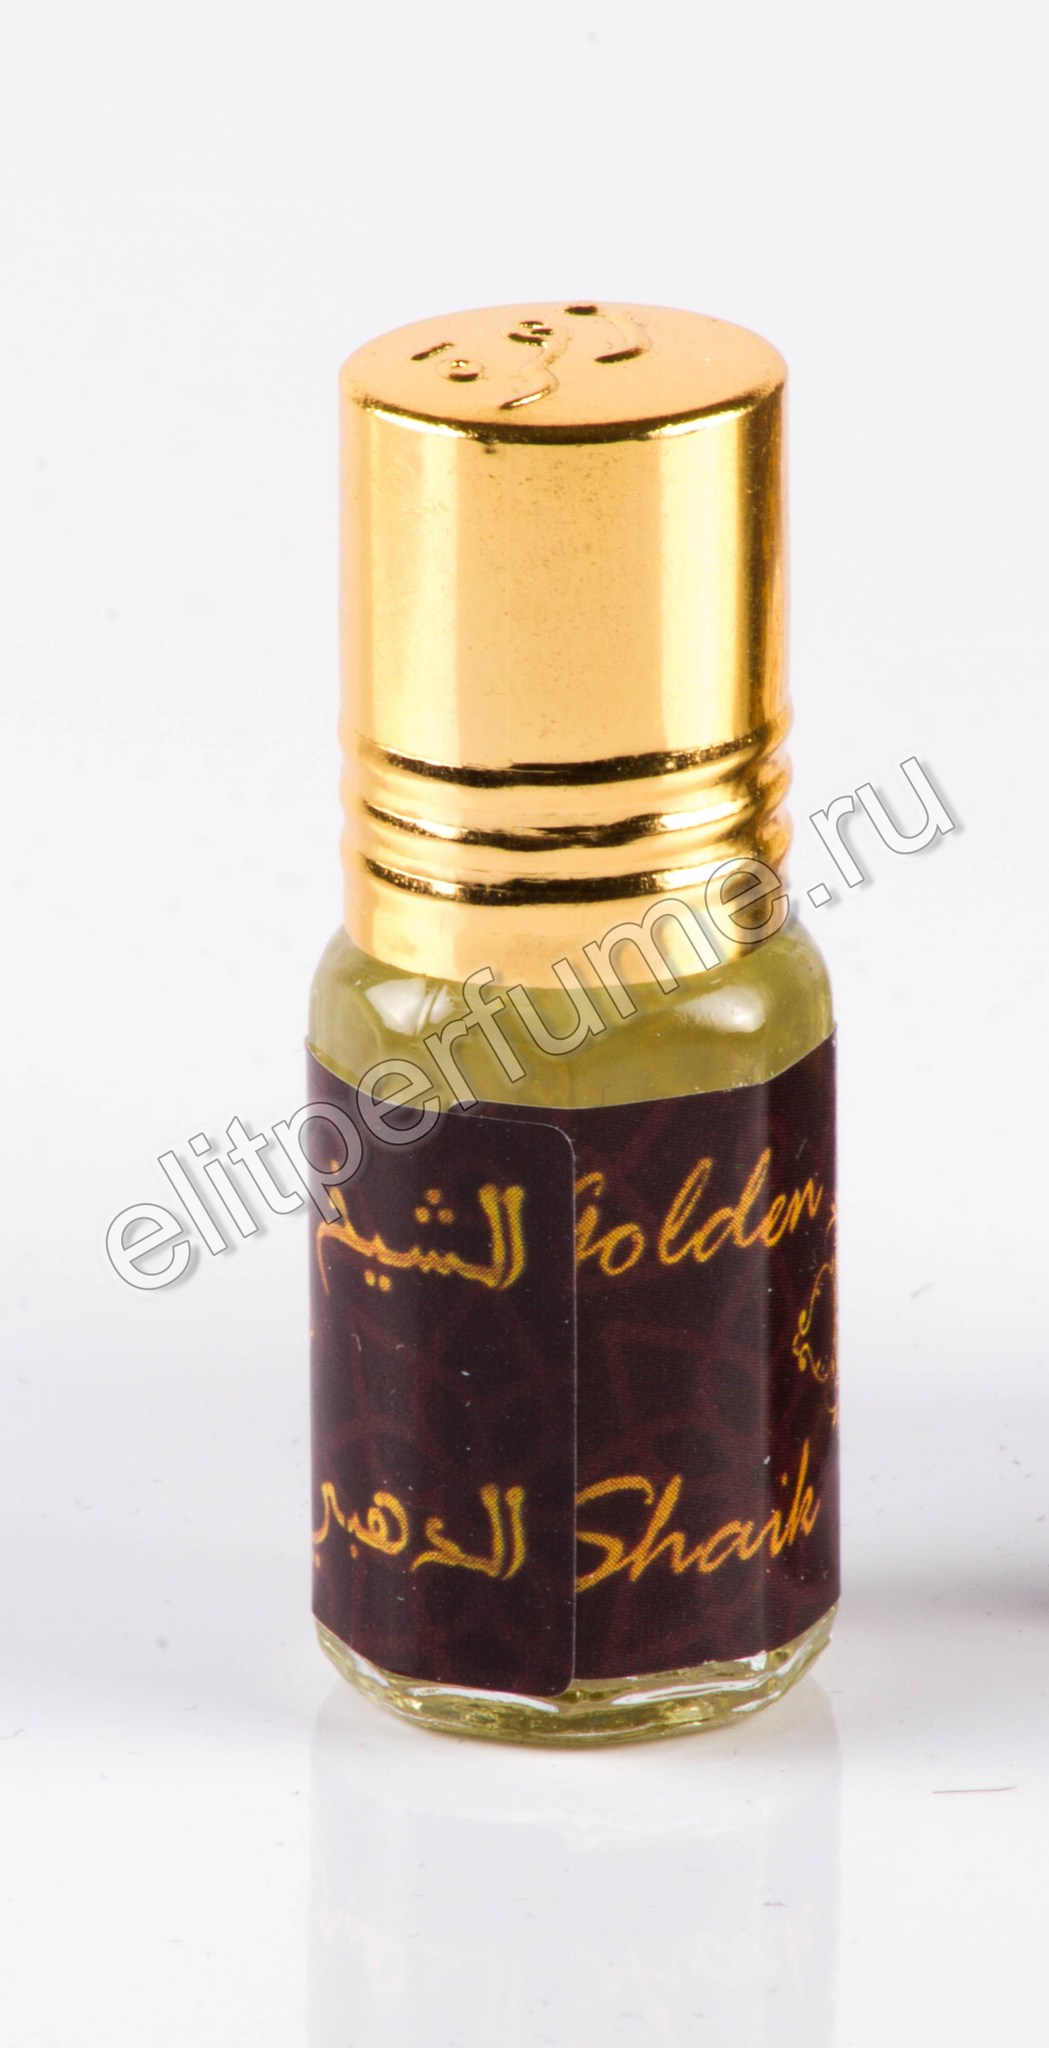 Golden Shaik Голден Шейх 3 мл арабские масляные духи от Захра Zahra Perfumes